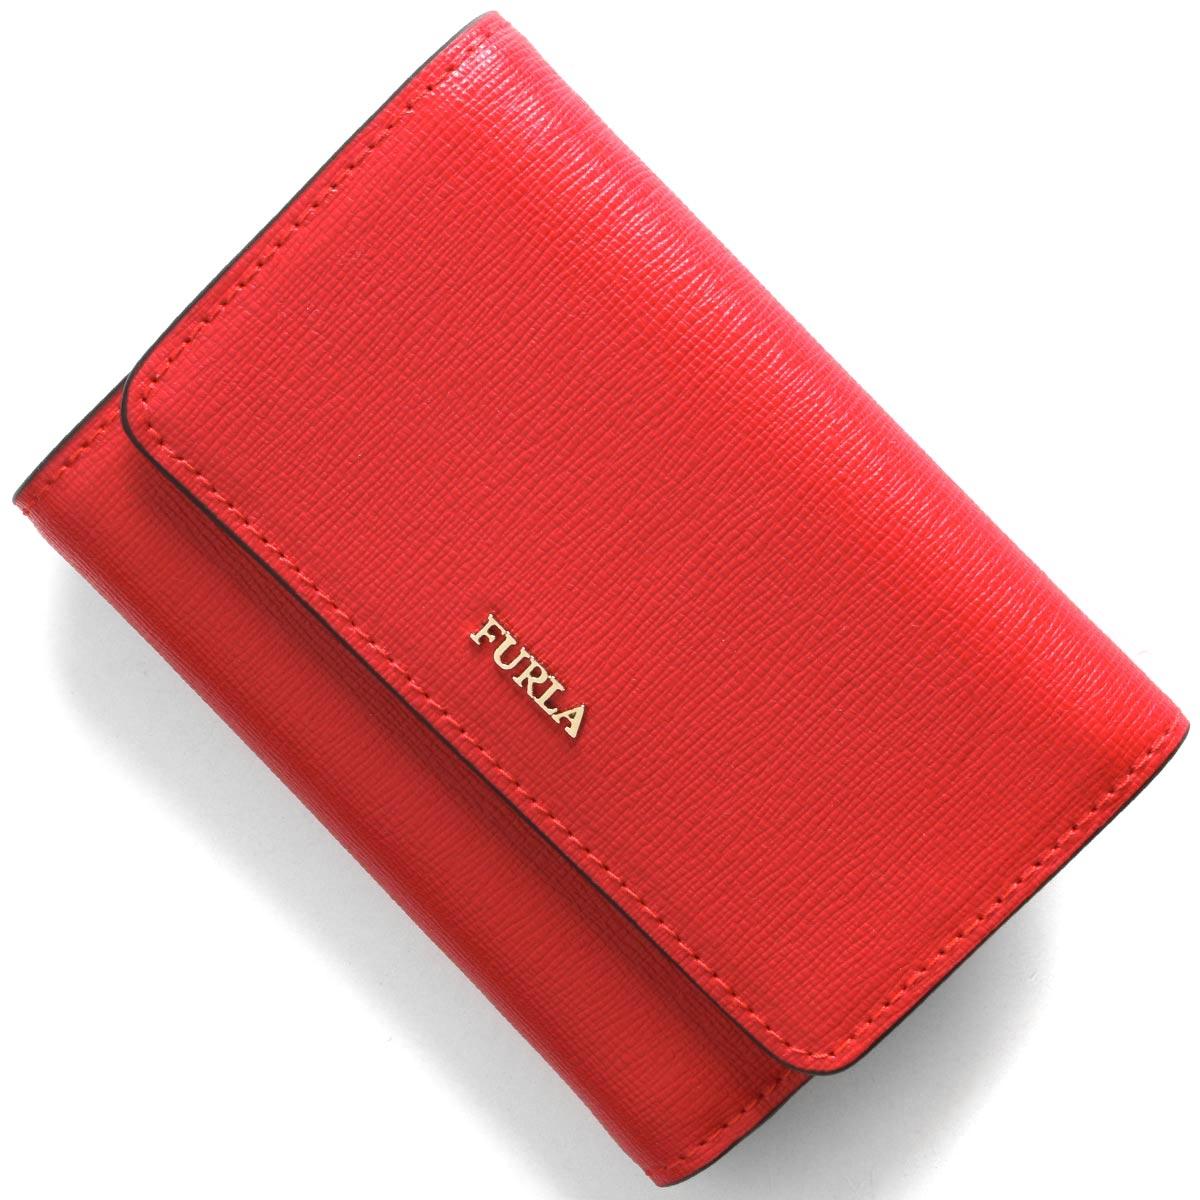 フルラ 三つ折り財布 財布 レディース バビロン スモール フラーゴラレッド PR76 B30 TJ9 1046190 FURLA